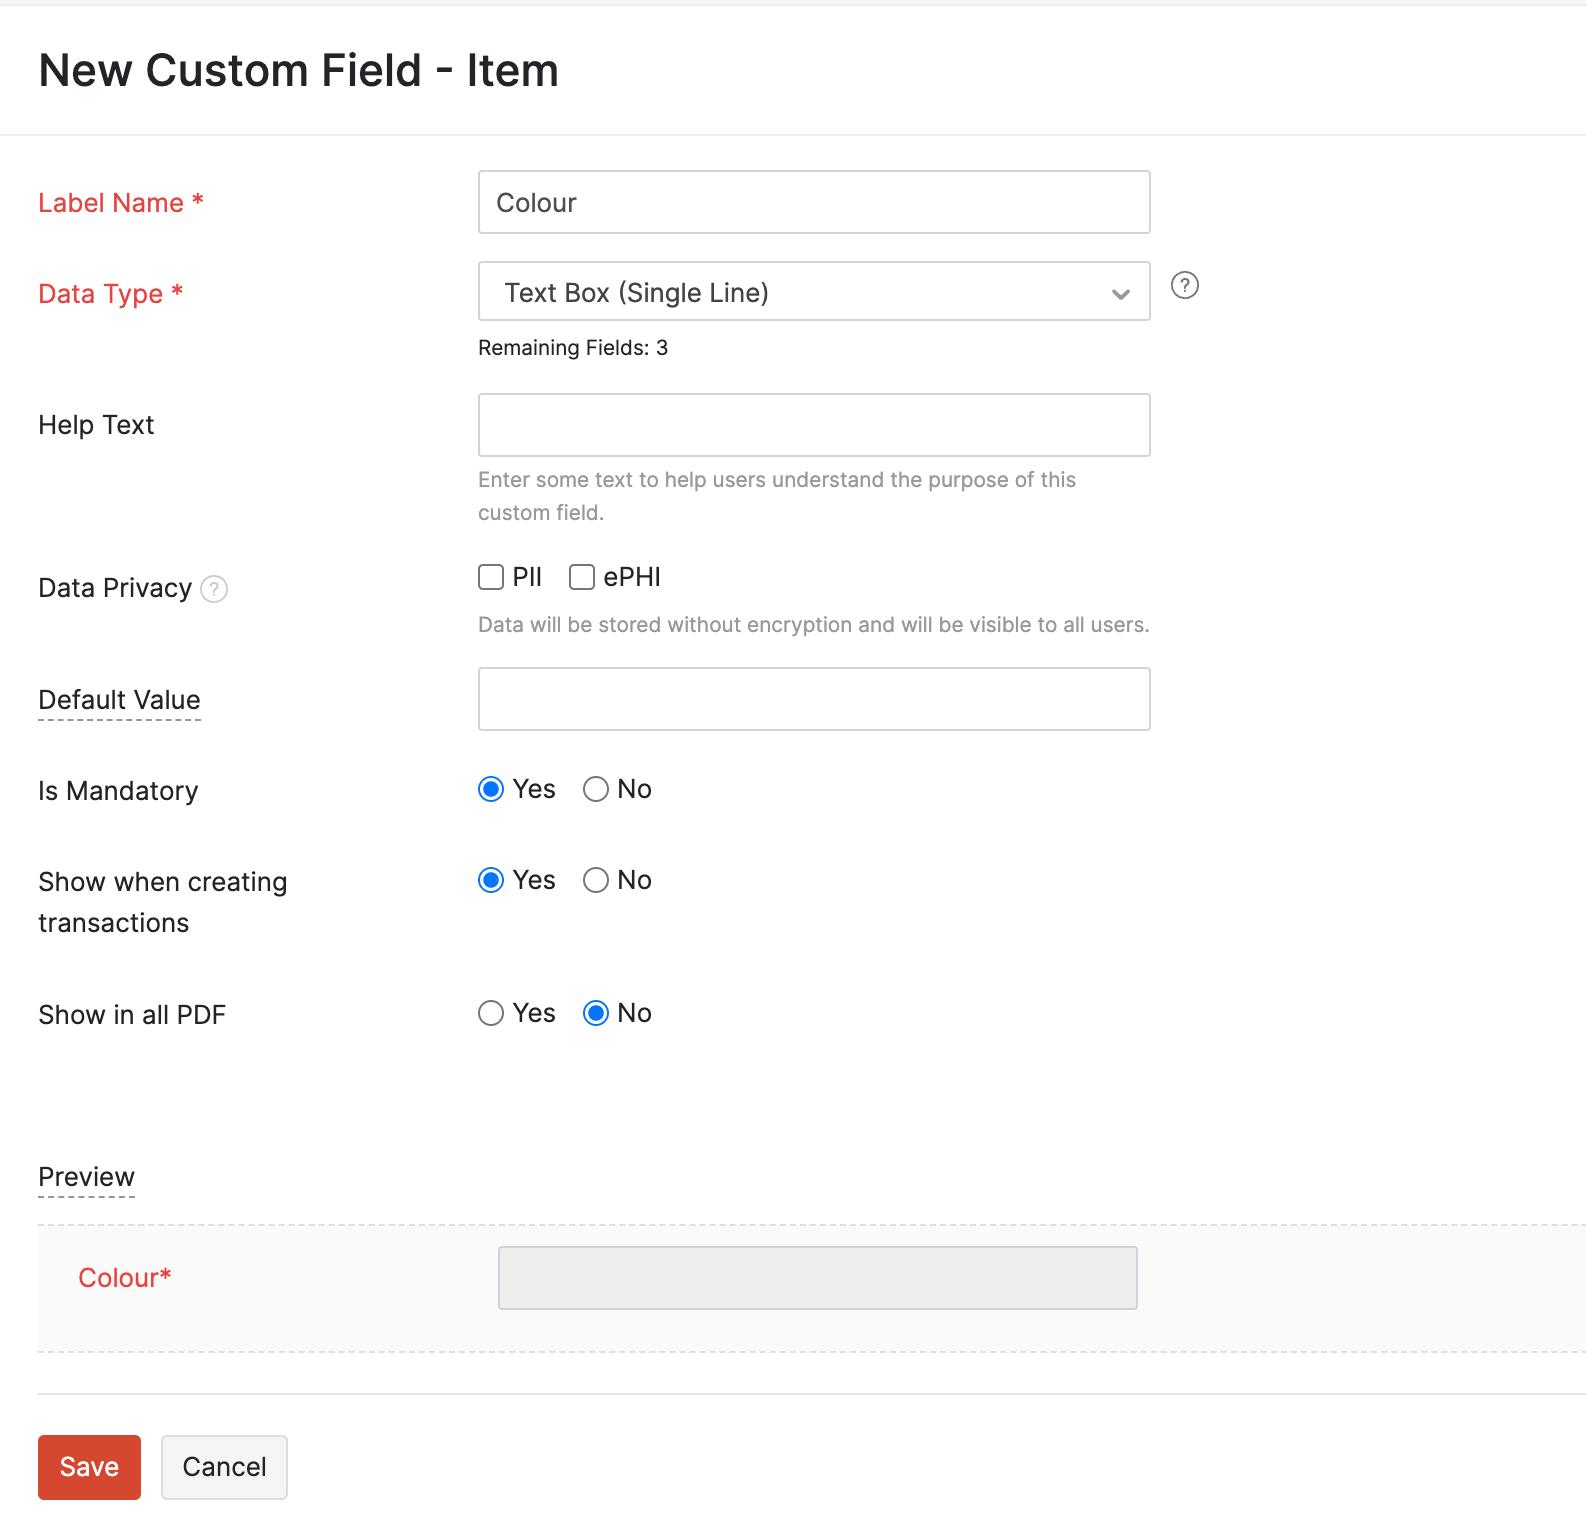 New Custom Field